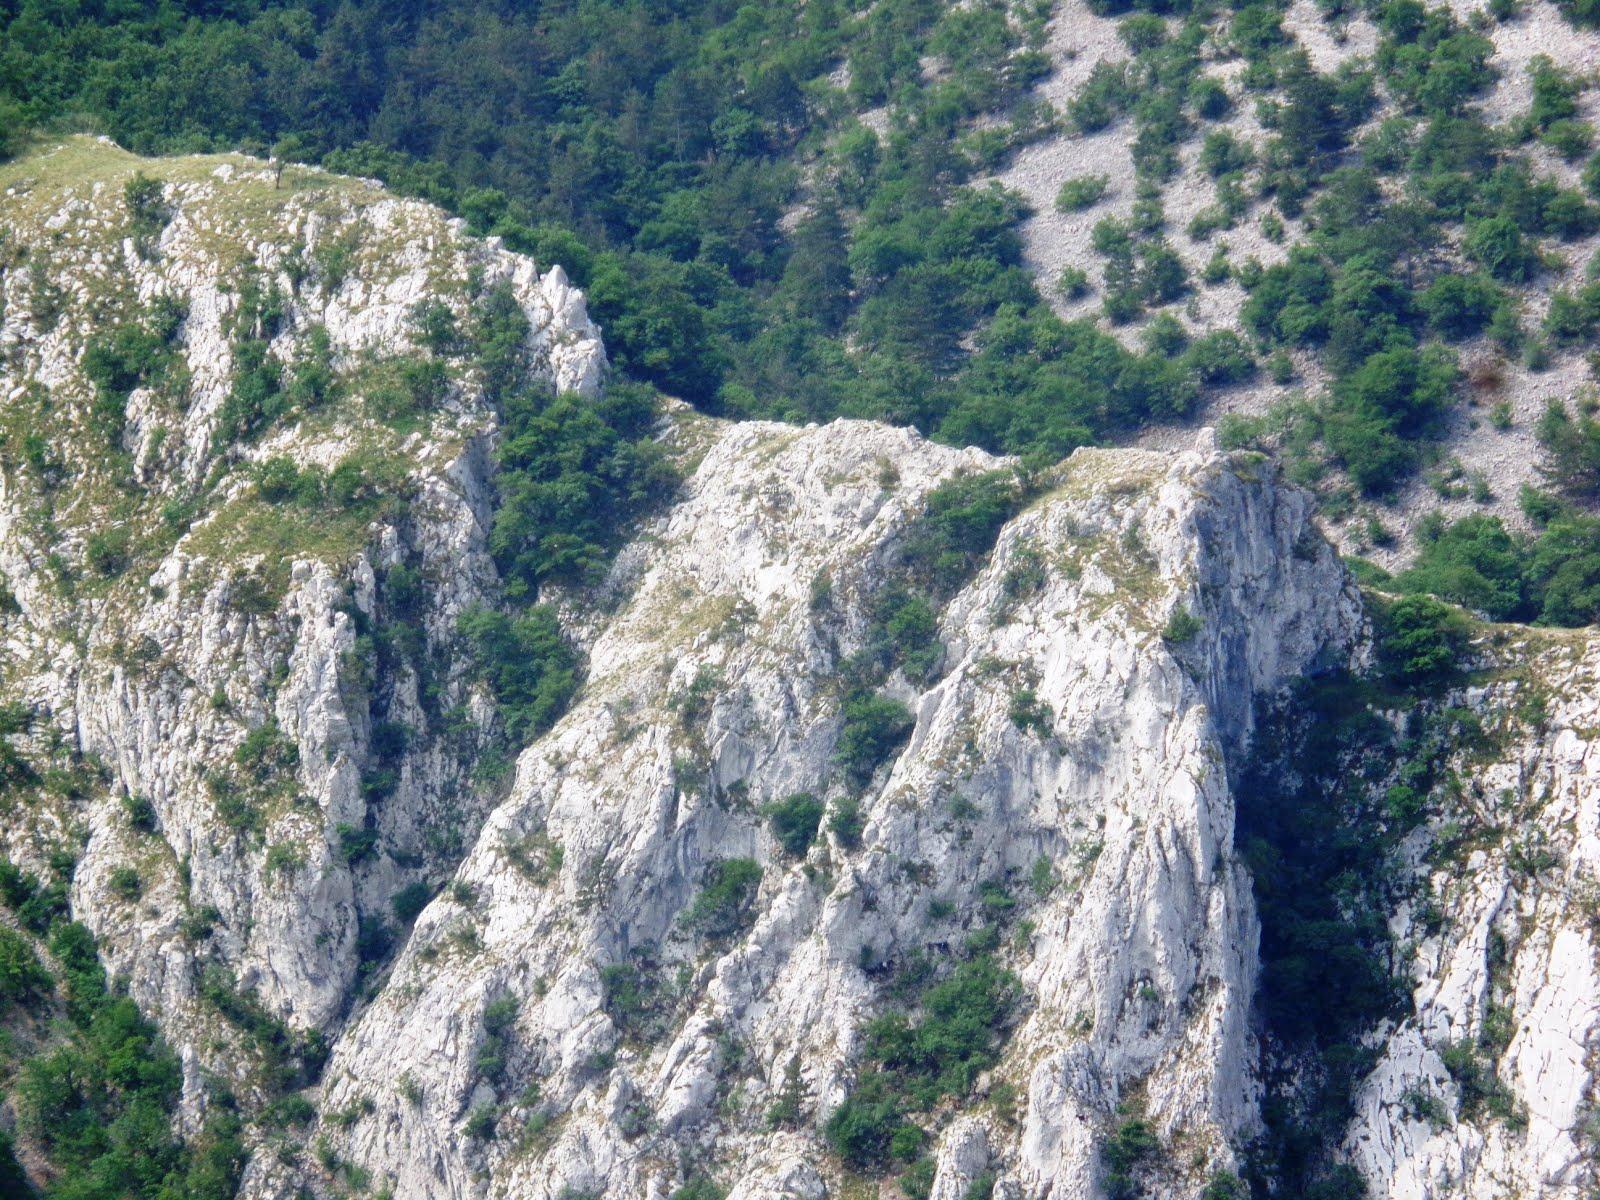 22-25 agosto 2017 - assistenza alla gita di 4 giorni del Cai di Peveragno (prov. Cuneo)